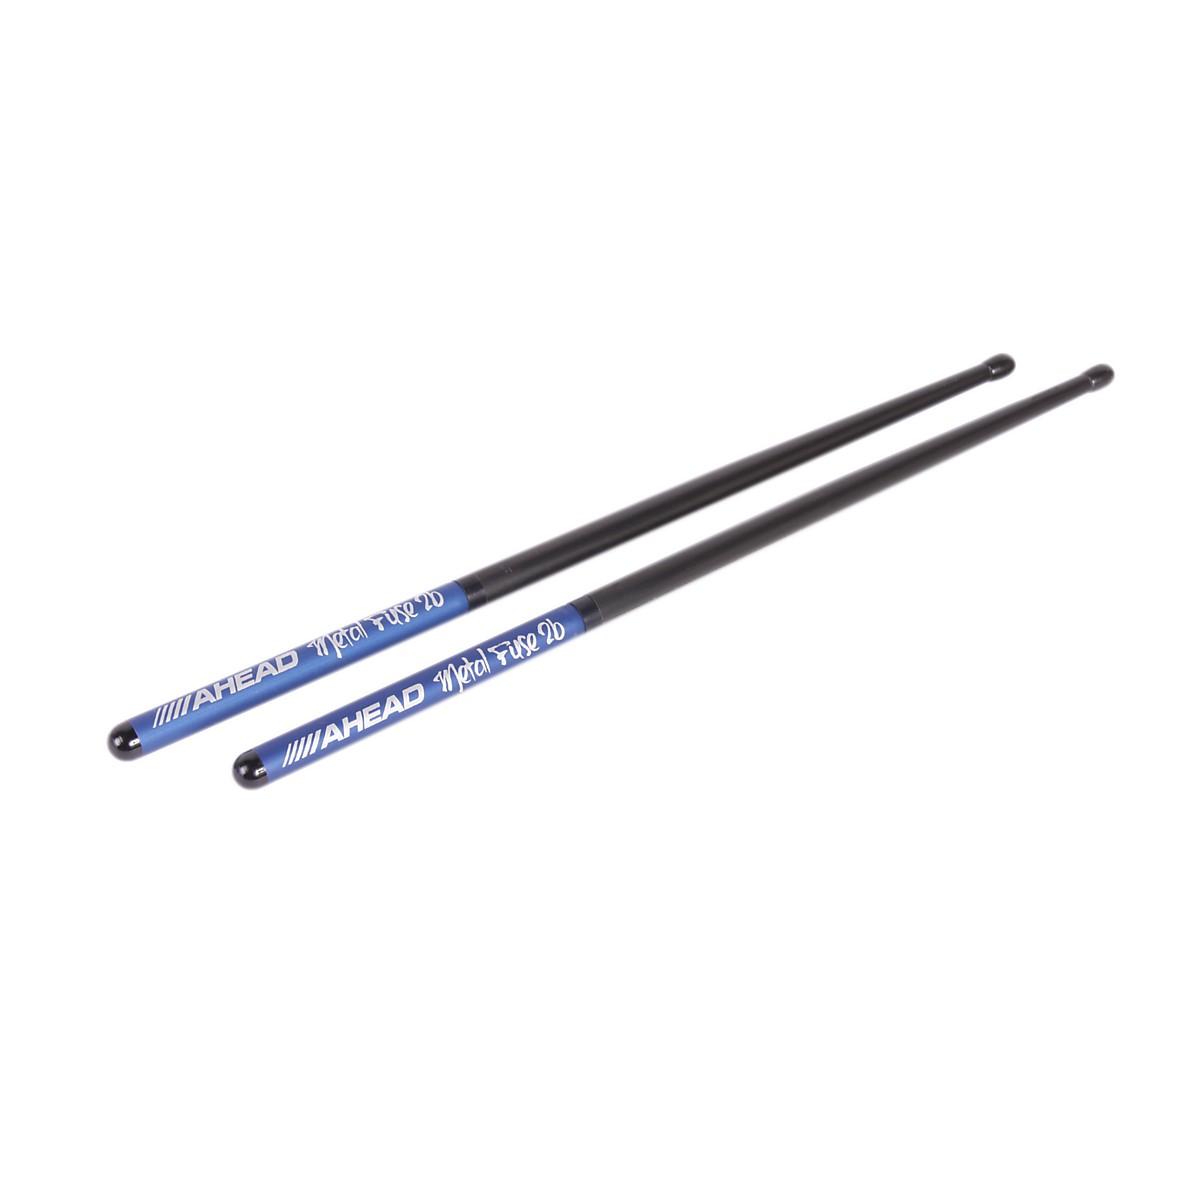 Ahead Metal Fuse Long Taper Sticks (Pair)